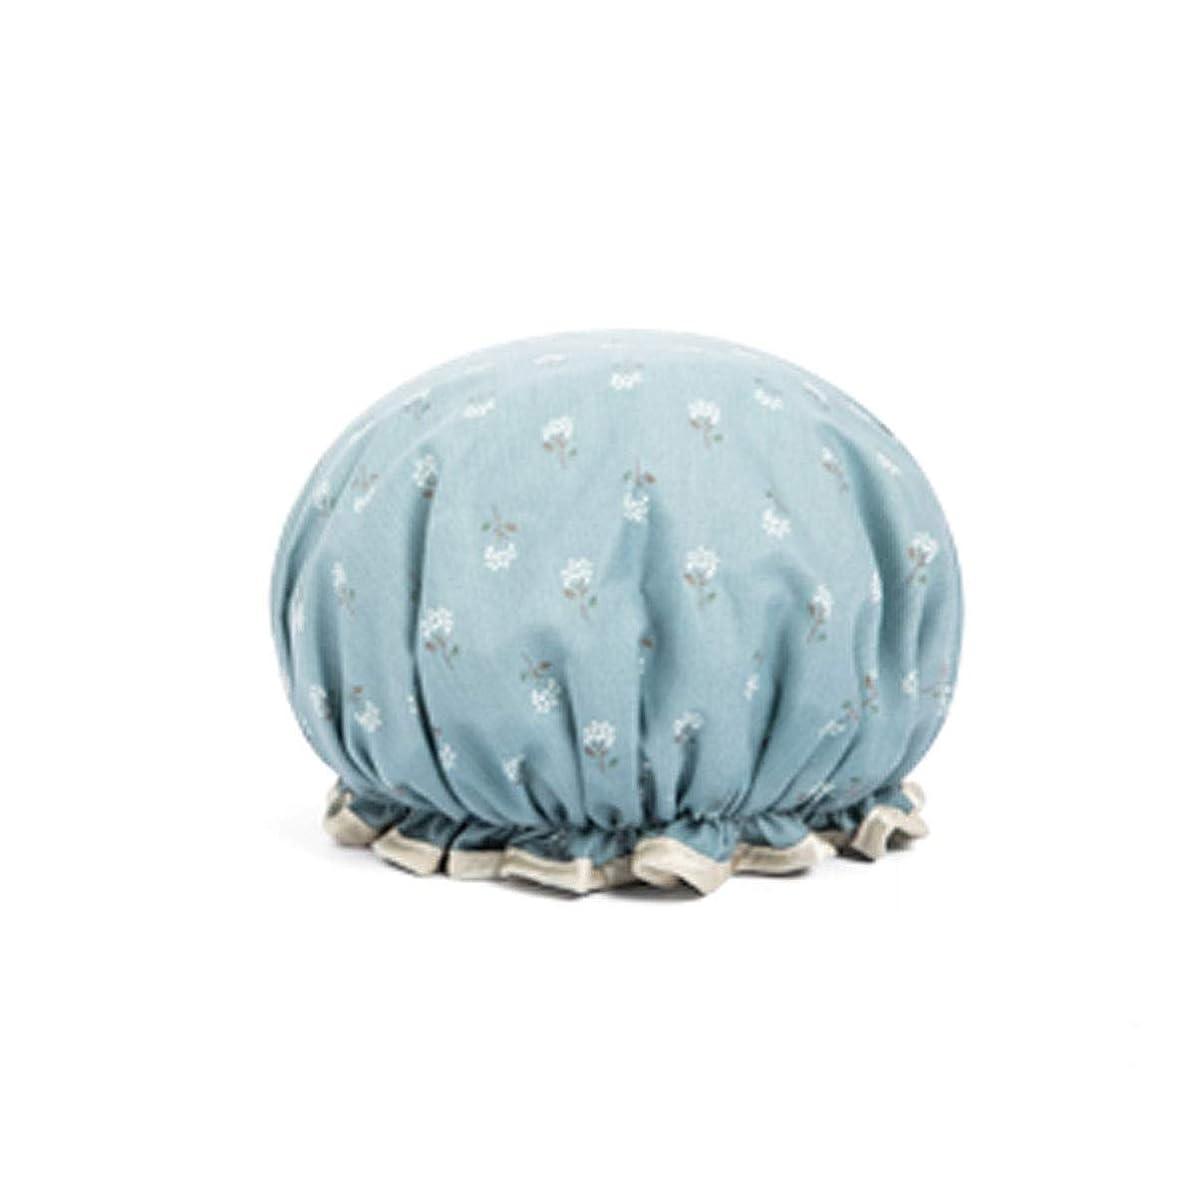 内訳高潔な追い出すHENGTONGTONGXUN シャワーキャップ、田舎風防風シャワーキャップ、防水シャワーキャップ、女性用シャワーキャップ、シャワー用シャワーキャップ、かわいいキッチン防油キャップ、ブルー、ライトブルー、イエロー、ピンク (Color : Light blue)